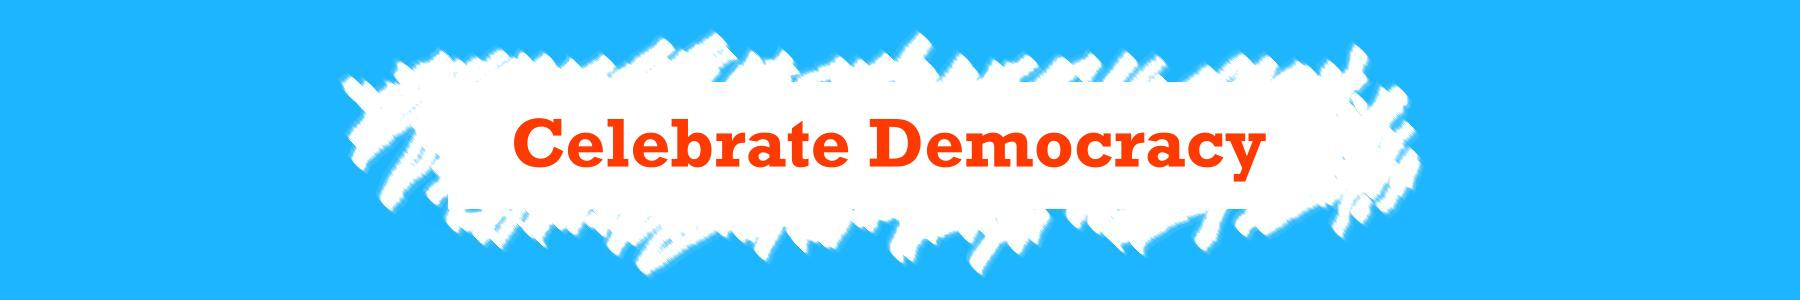 1 headerDemocracy